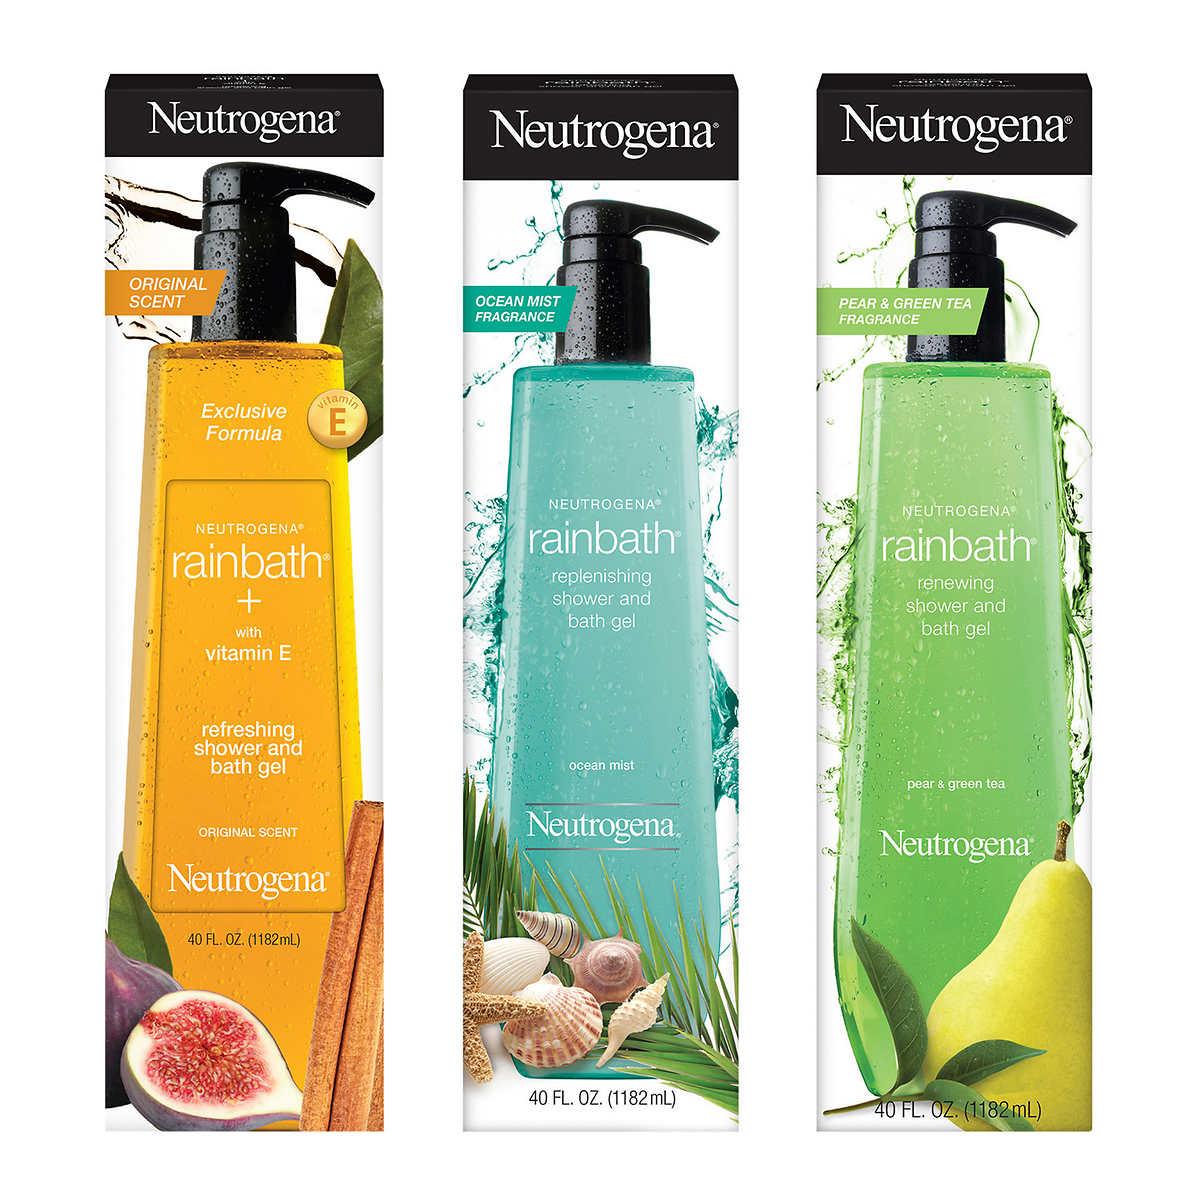 neutrogena rainbath shower gel 40 fl oz